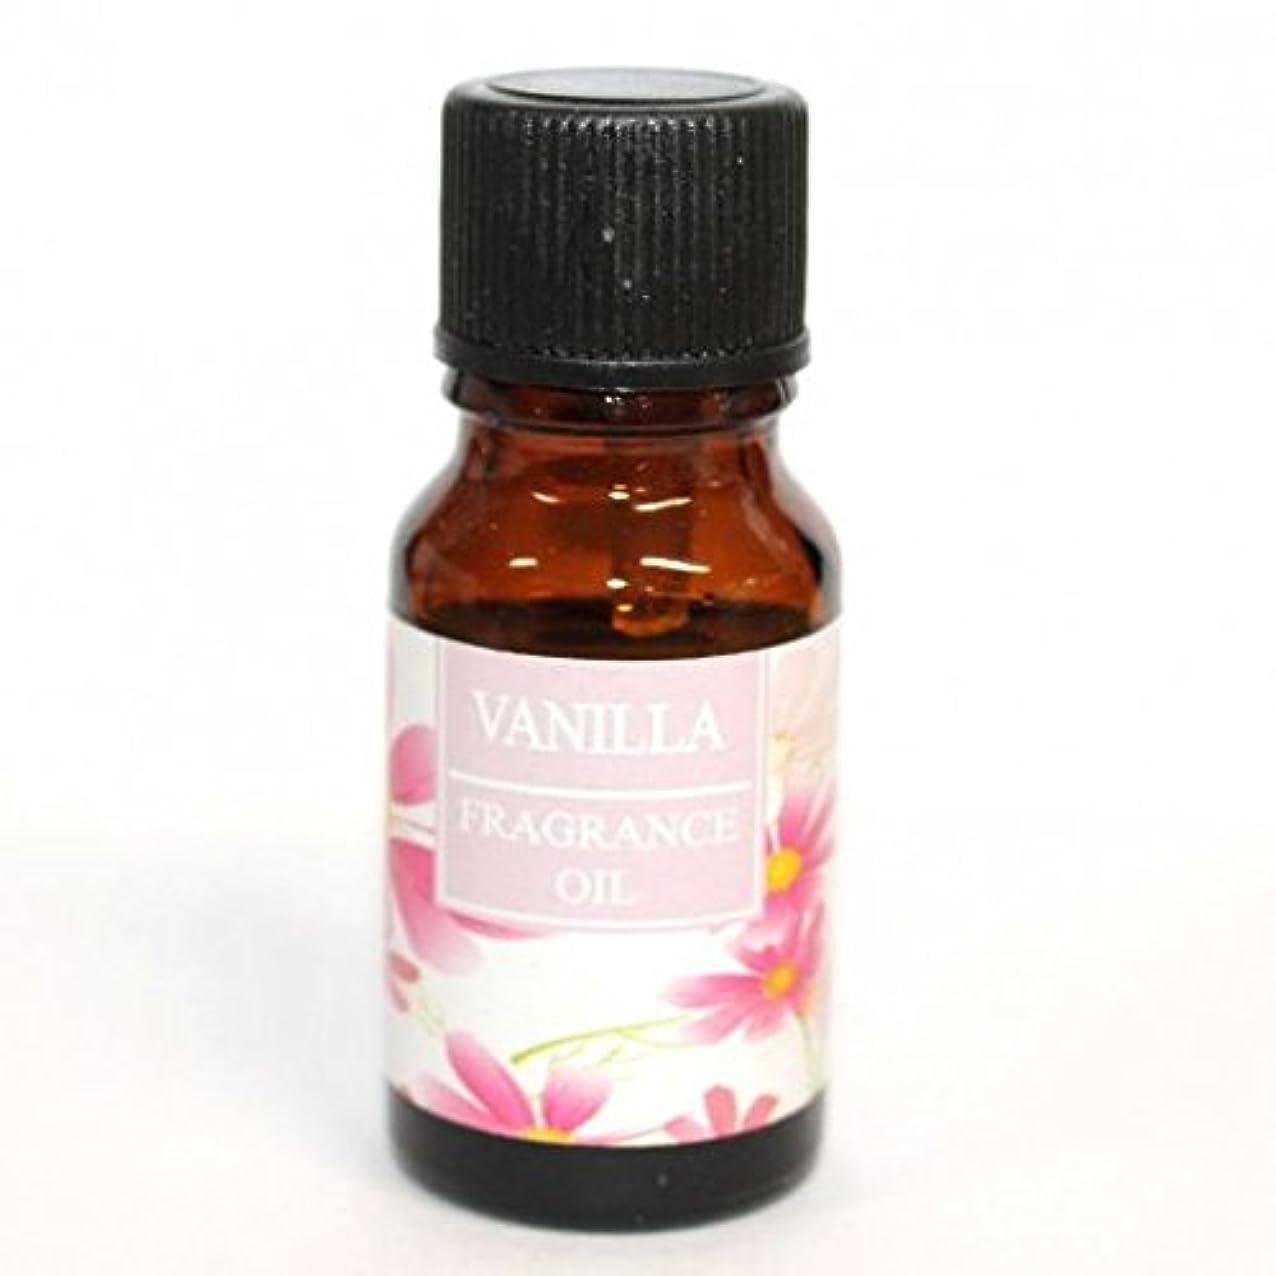 血色の良いフォーラムテラスRELAXING アロマオイル フレグランスオイル VANILLA バニラの香り RQ-04